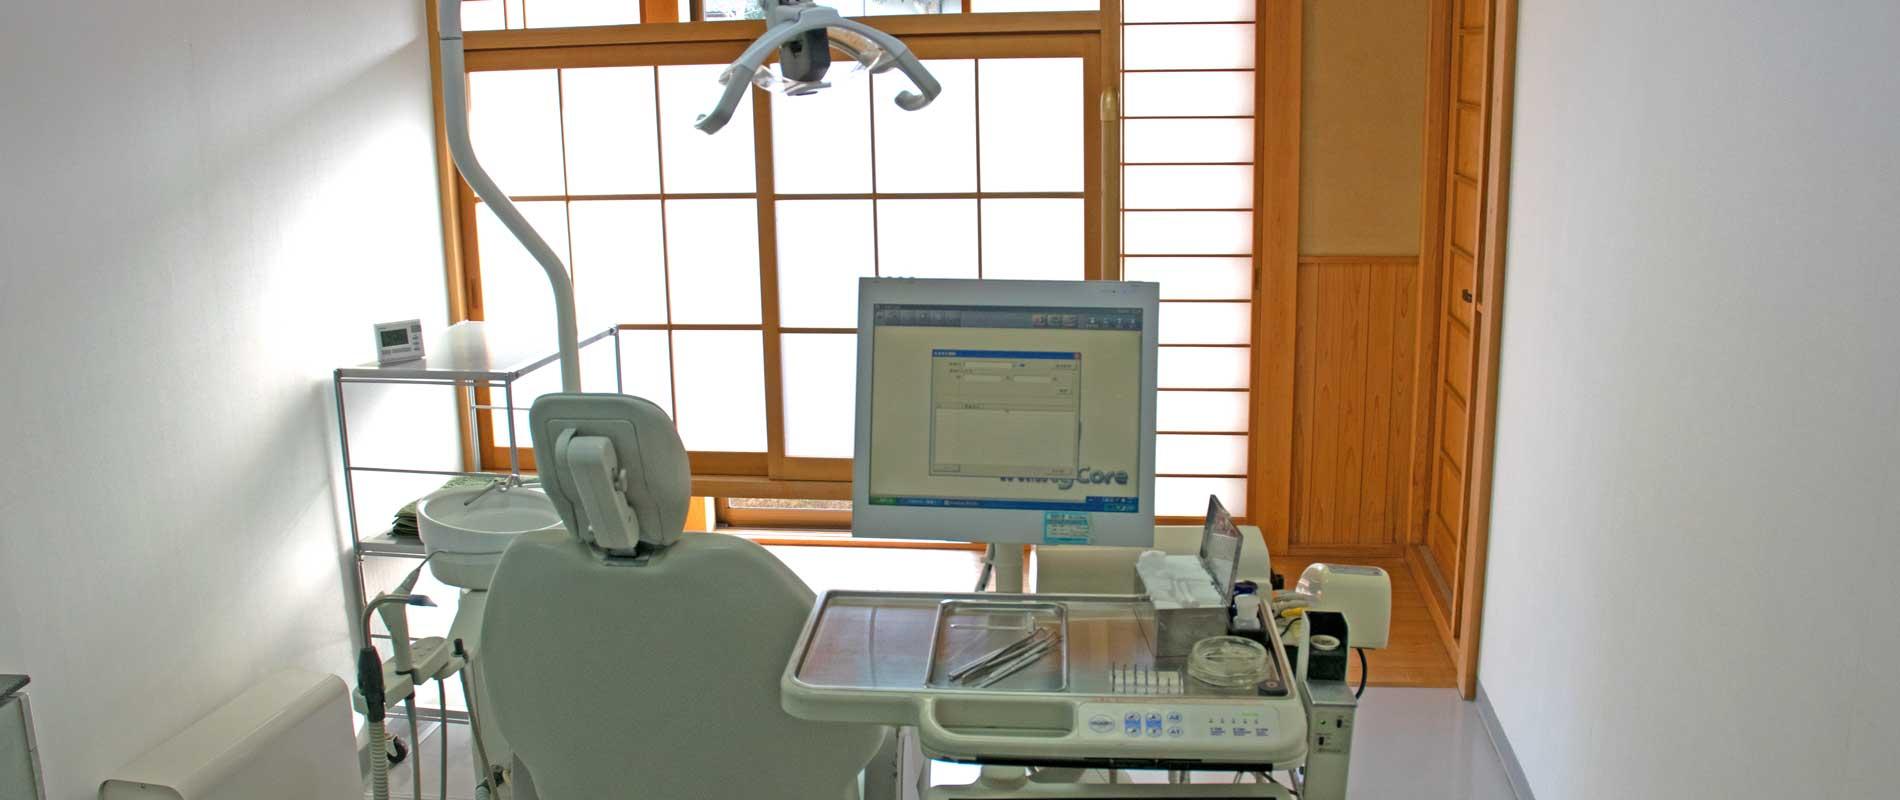 池田歯科医院の診察室